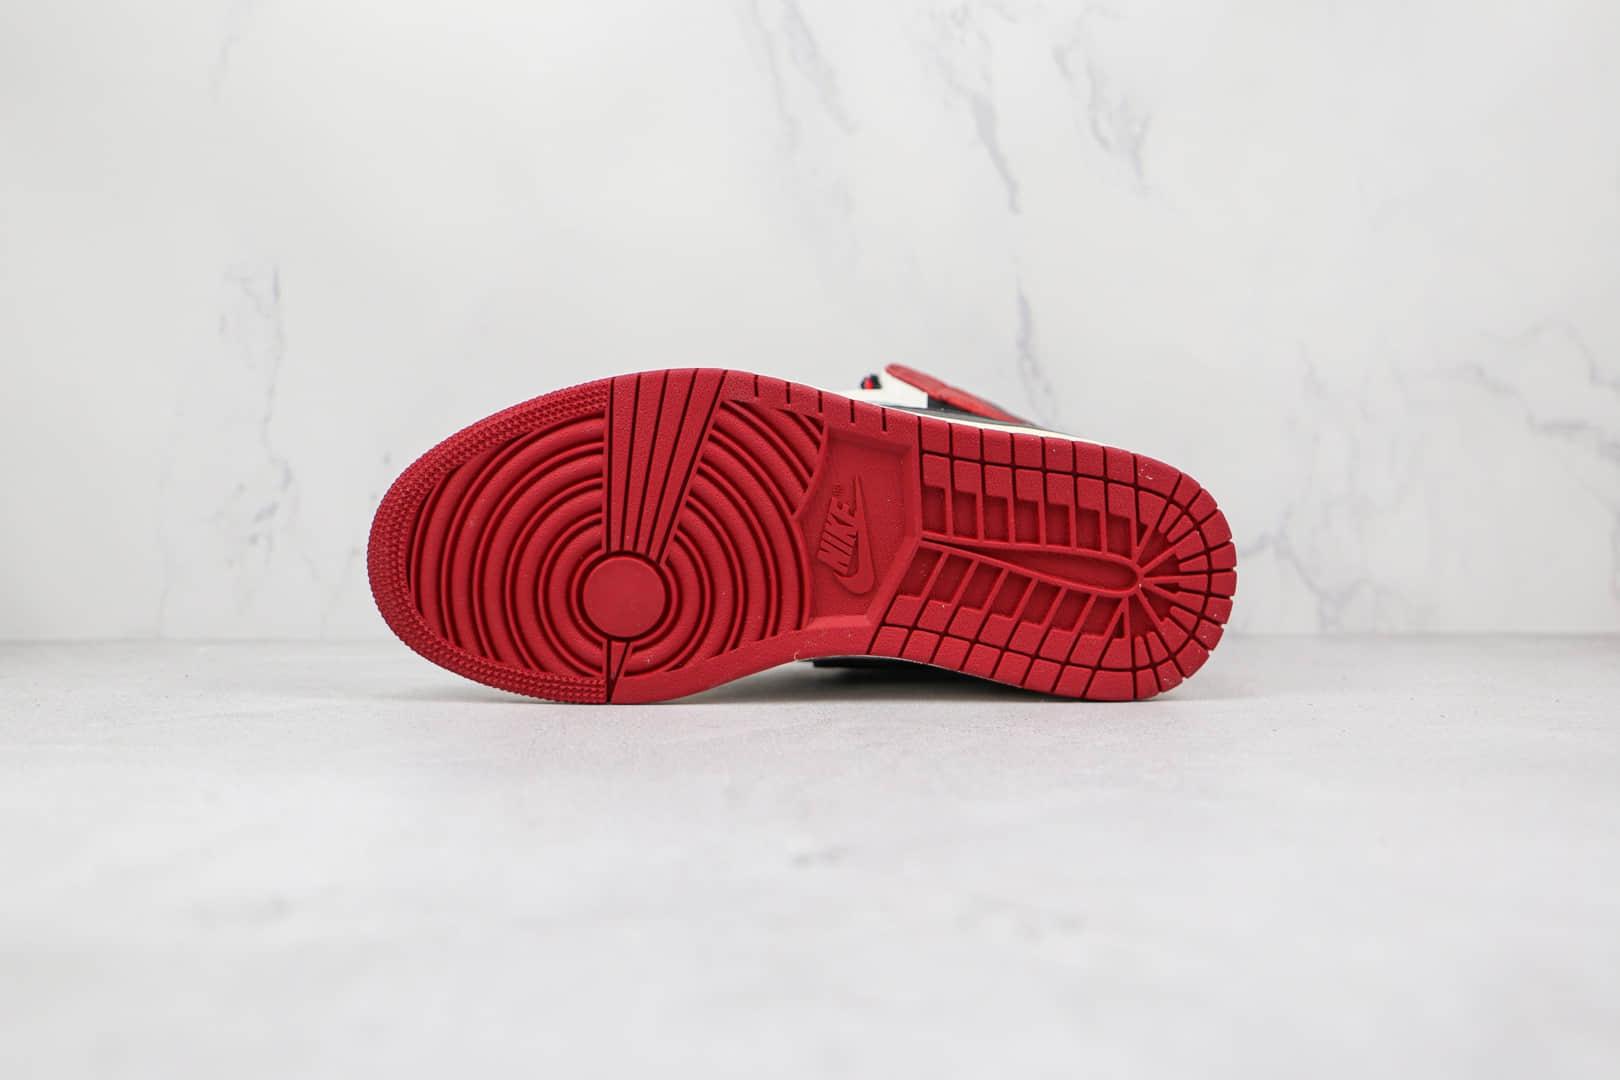 乔丹Fragment x Travis Scott x Air Jordan 1High OG SP公司级版本藤原浩闪电TS联名款高帮AJ1白红色倒勾原鞋原楦头纸板开发 货号:CQ4278-099